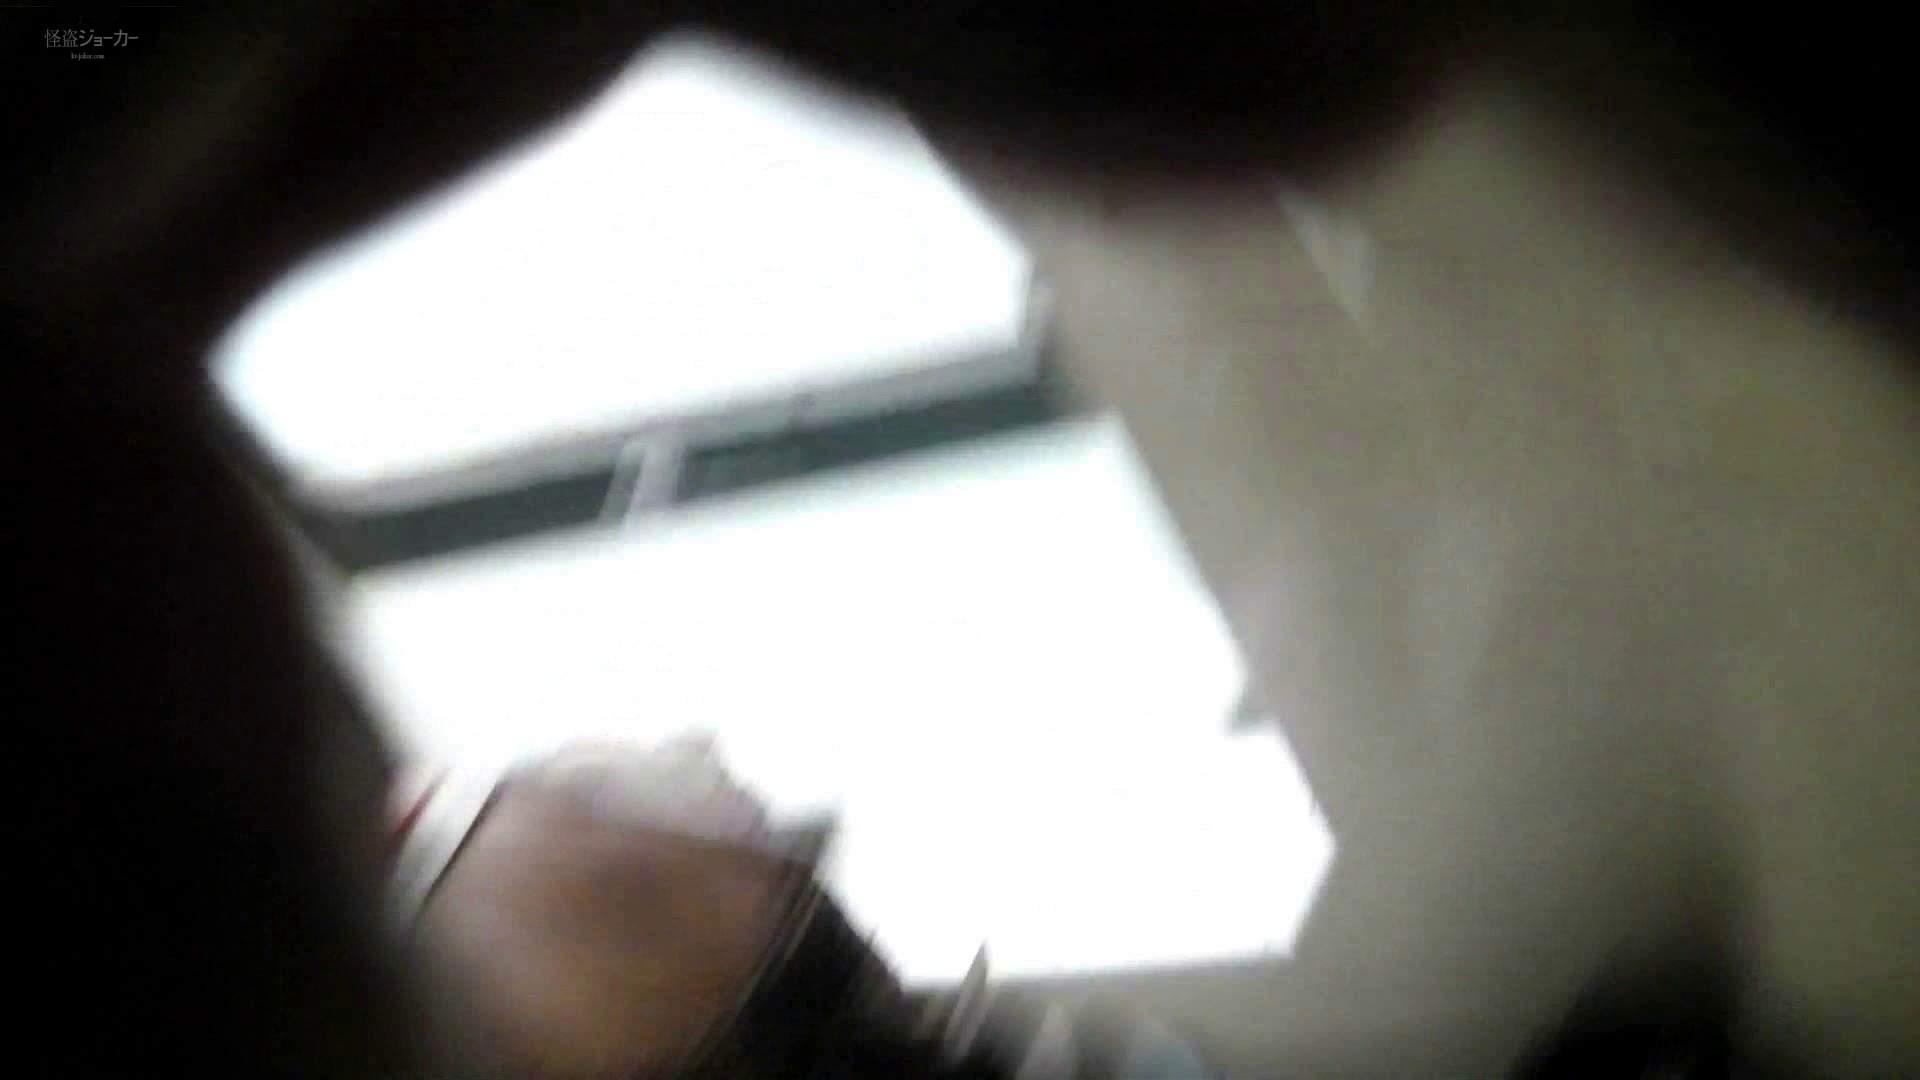 ステーション編 vol.25 必見桜庭みなみ?似 登場! 洗面所 AV無料動画キャプチャ 110画像 35